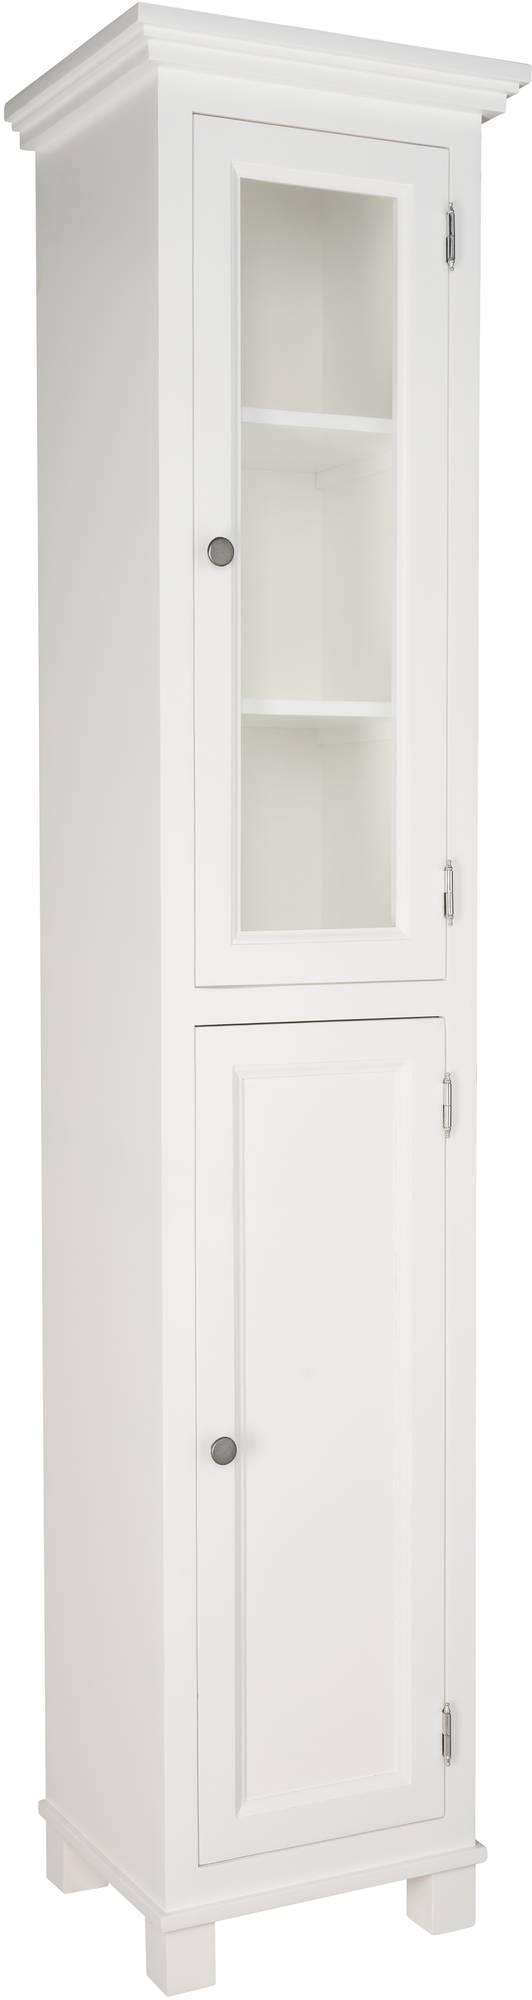 Ben Maison Kolomkast Rechts 48x40x216 cm Wit